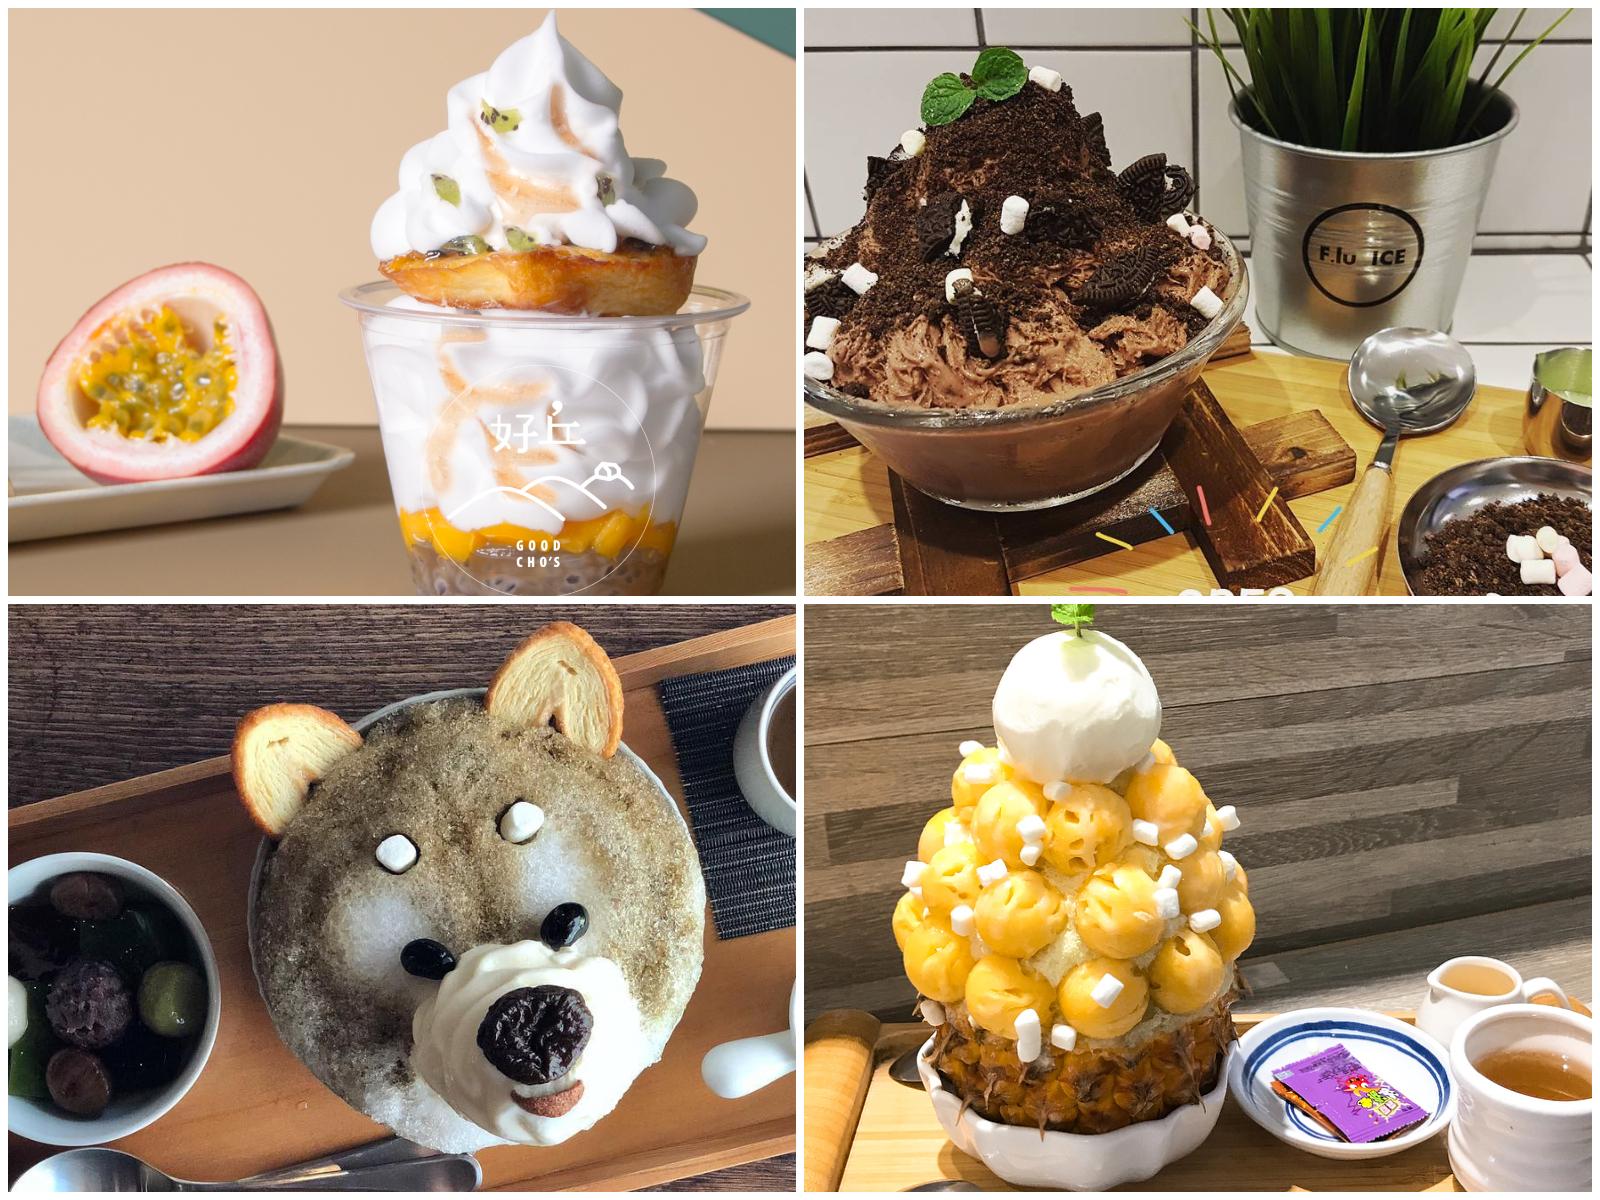 全台冰店推薦!夏天這 12 間特色冰店、古早味冰不容錯過!